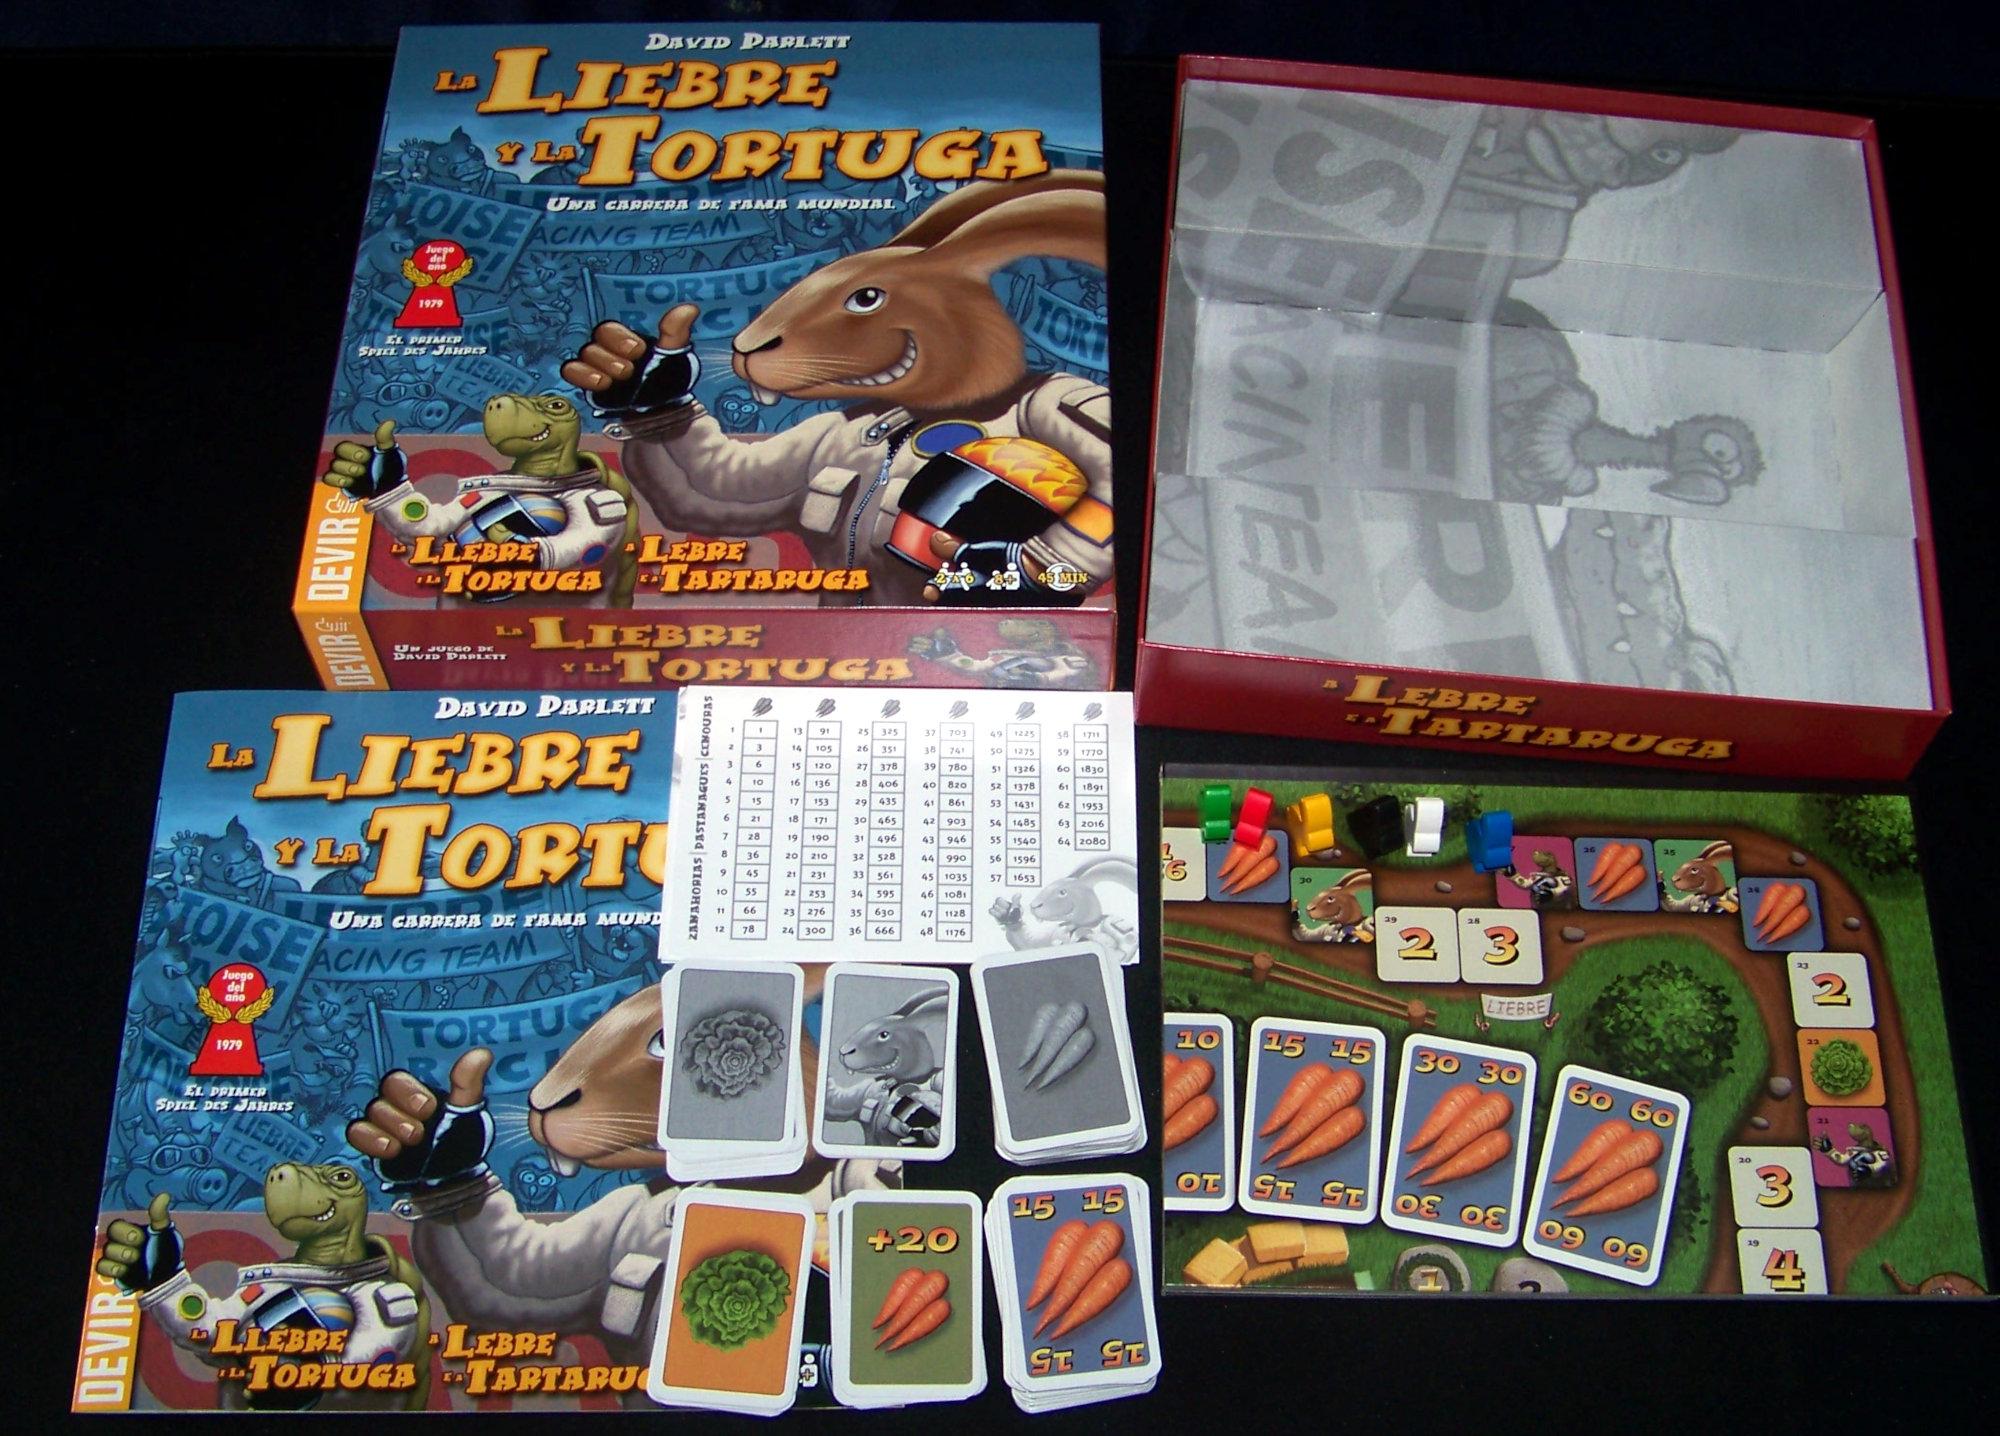 Juego de mesa La liebre y la tortuga - contenido.